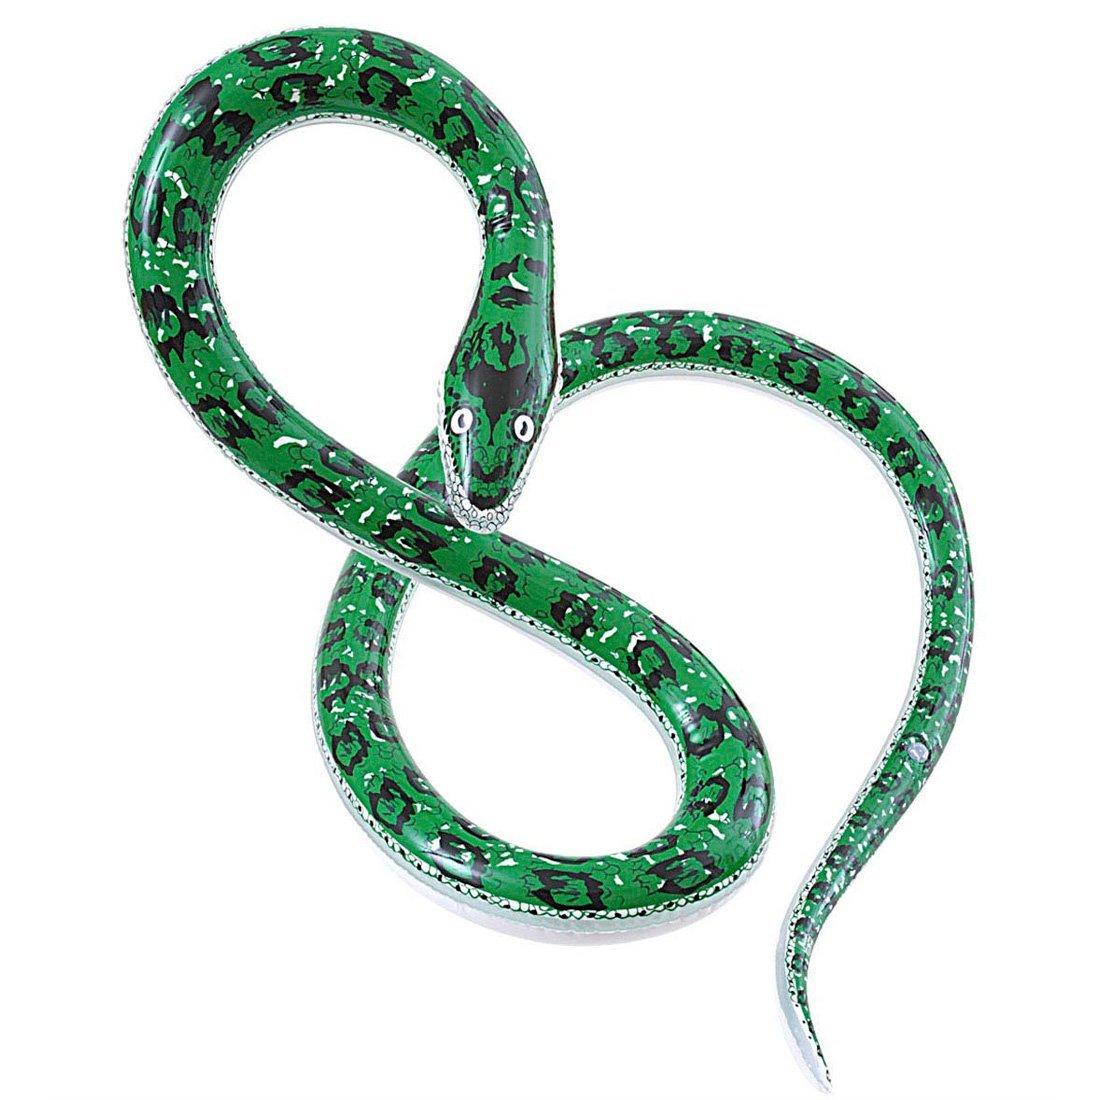 NET TOYS Serpent déco serpent géant gonflable serpent en caoutchouc soirée de plage gonflable serpent de déco Halloween soirée à thème python accessoires déco intérieur